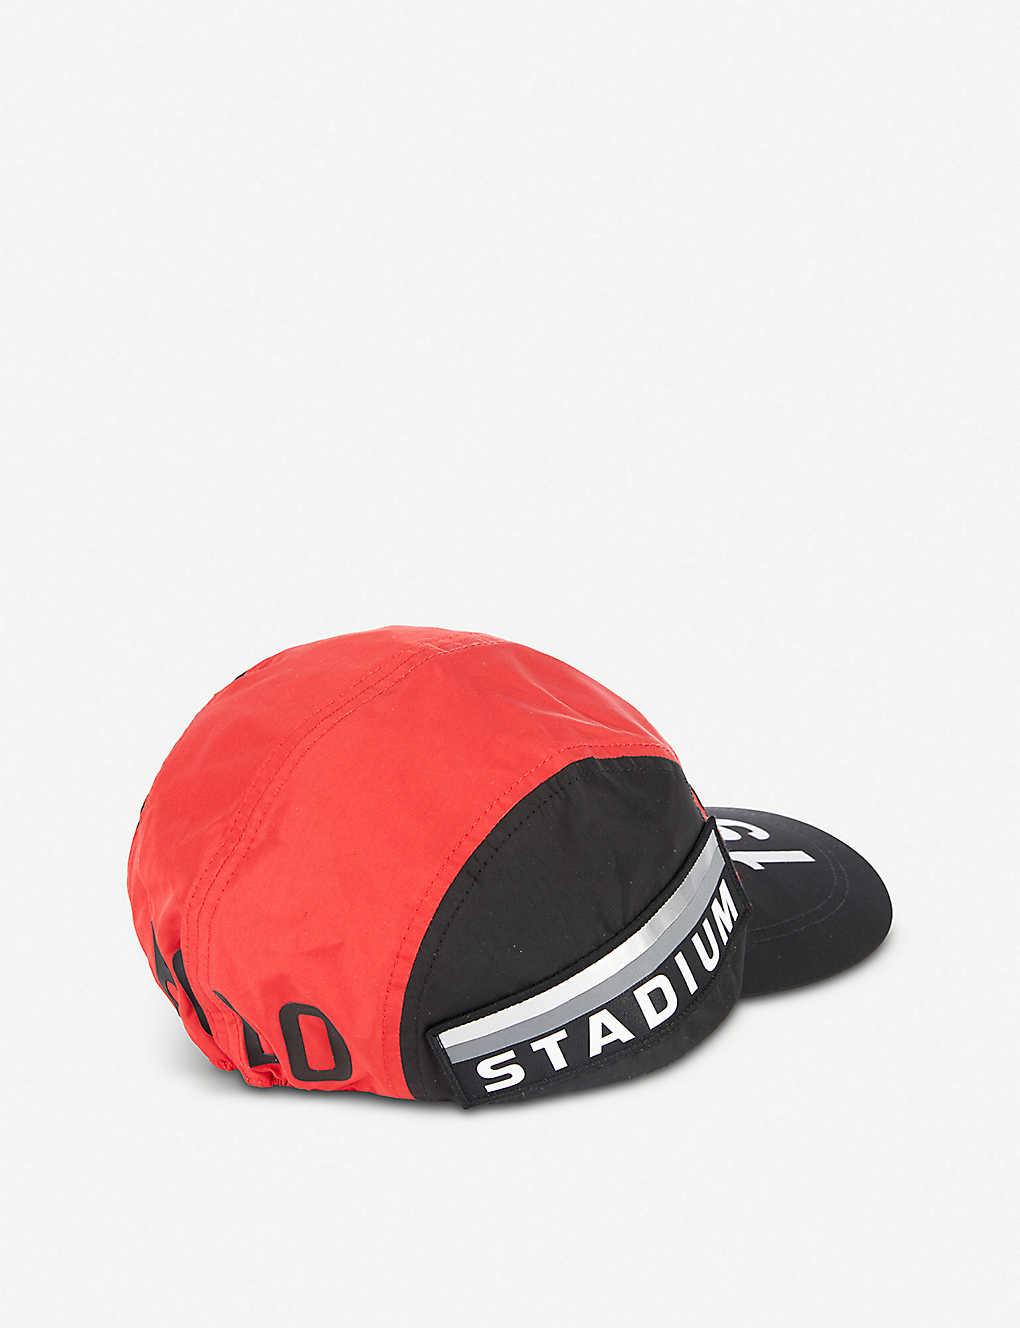 5aa23174f6a87 POLO RALPH LAUREN - Winter Stadium 1992 Booney shell cap ...